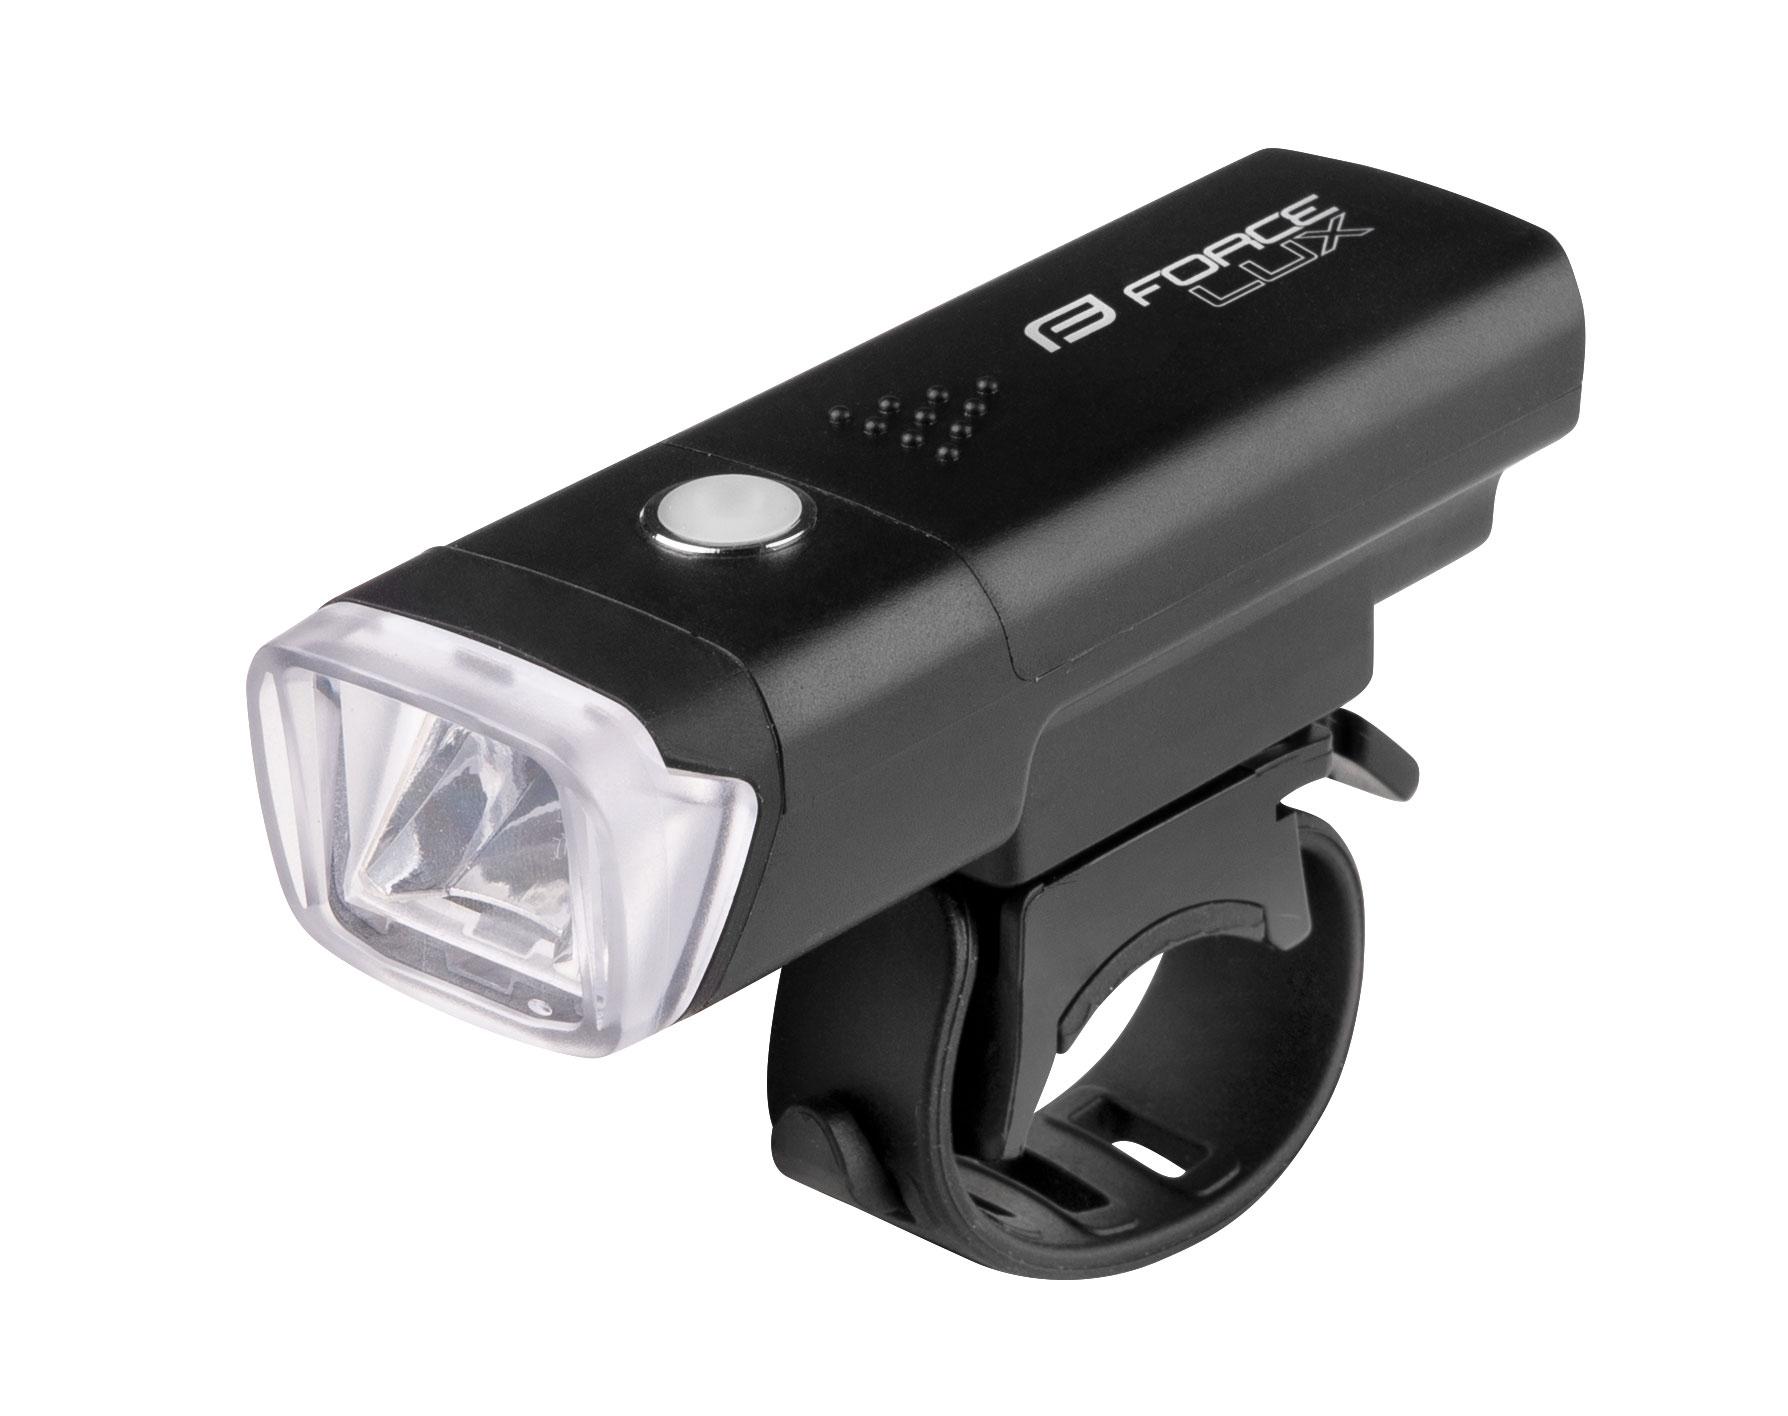 světlo přední FORCE LUX 1 dioda + baterie